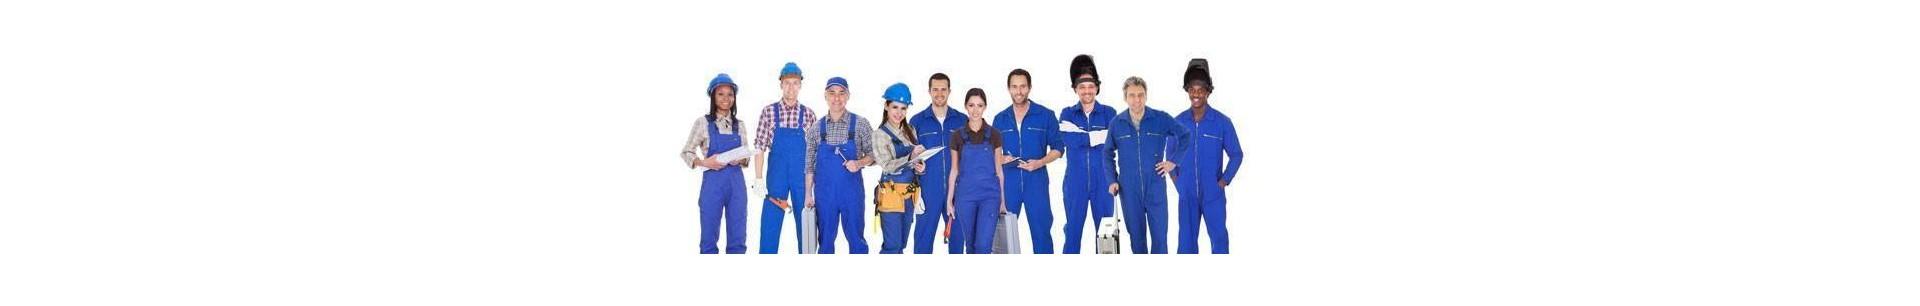 Monos de trabajo, monos de mecánico.Primera calidad.